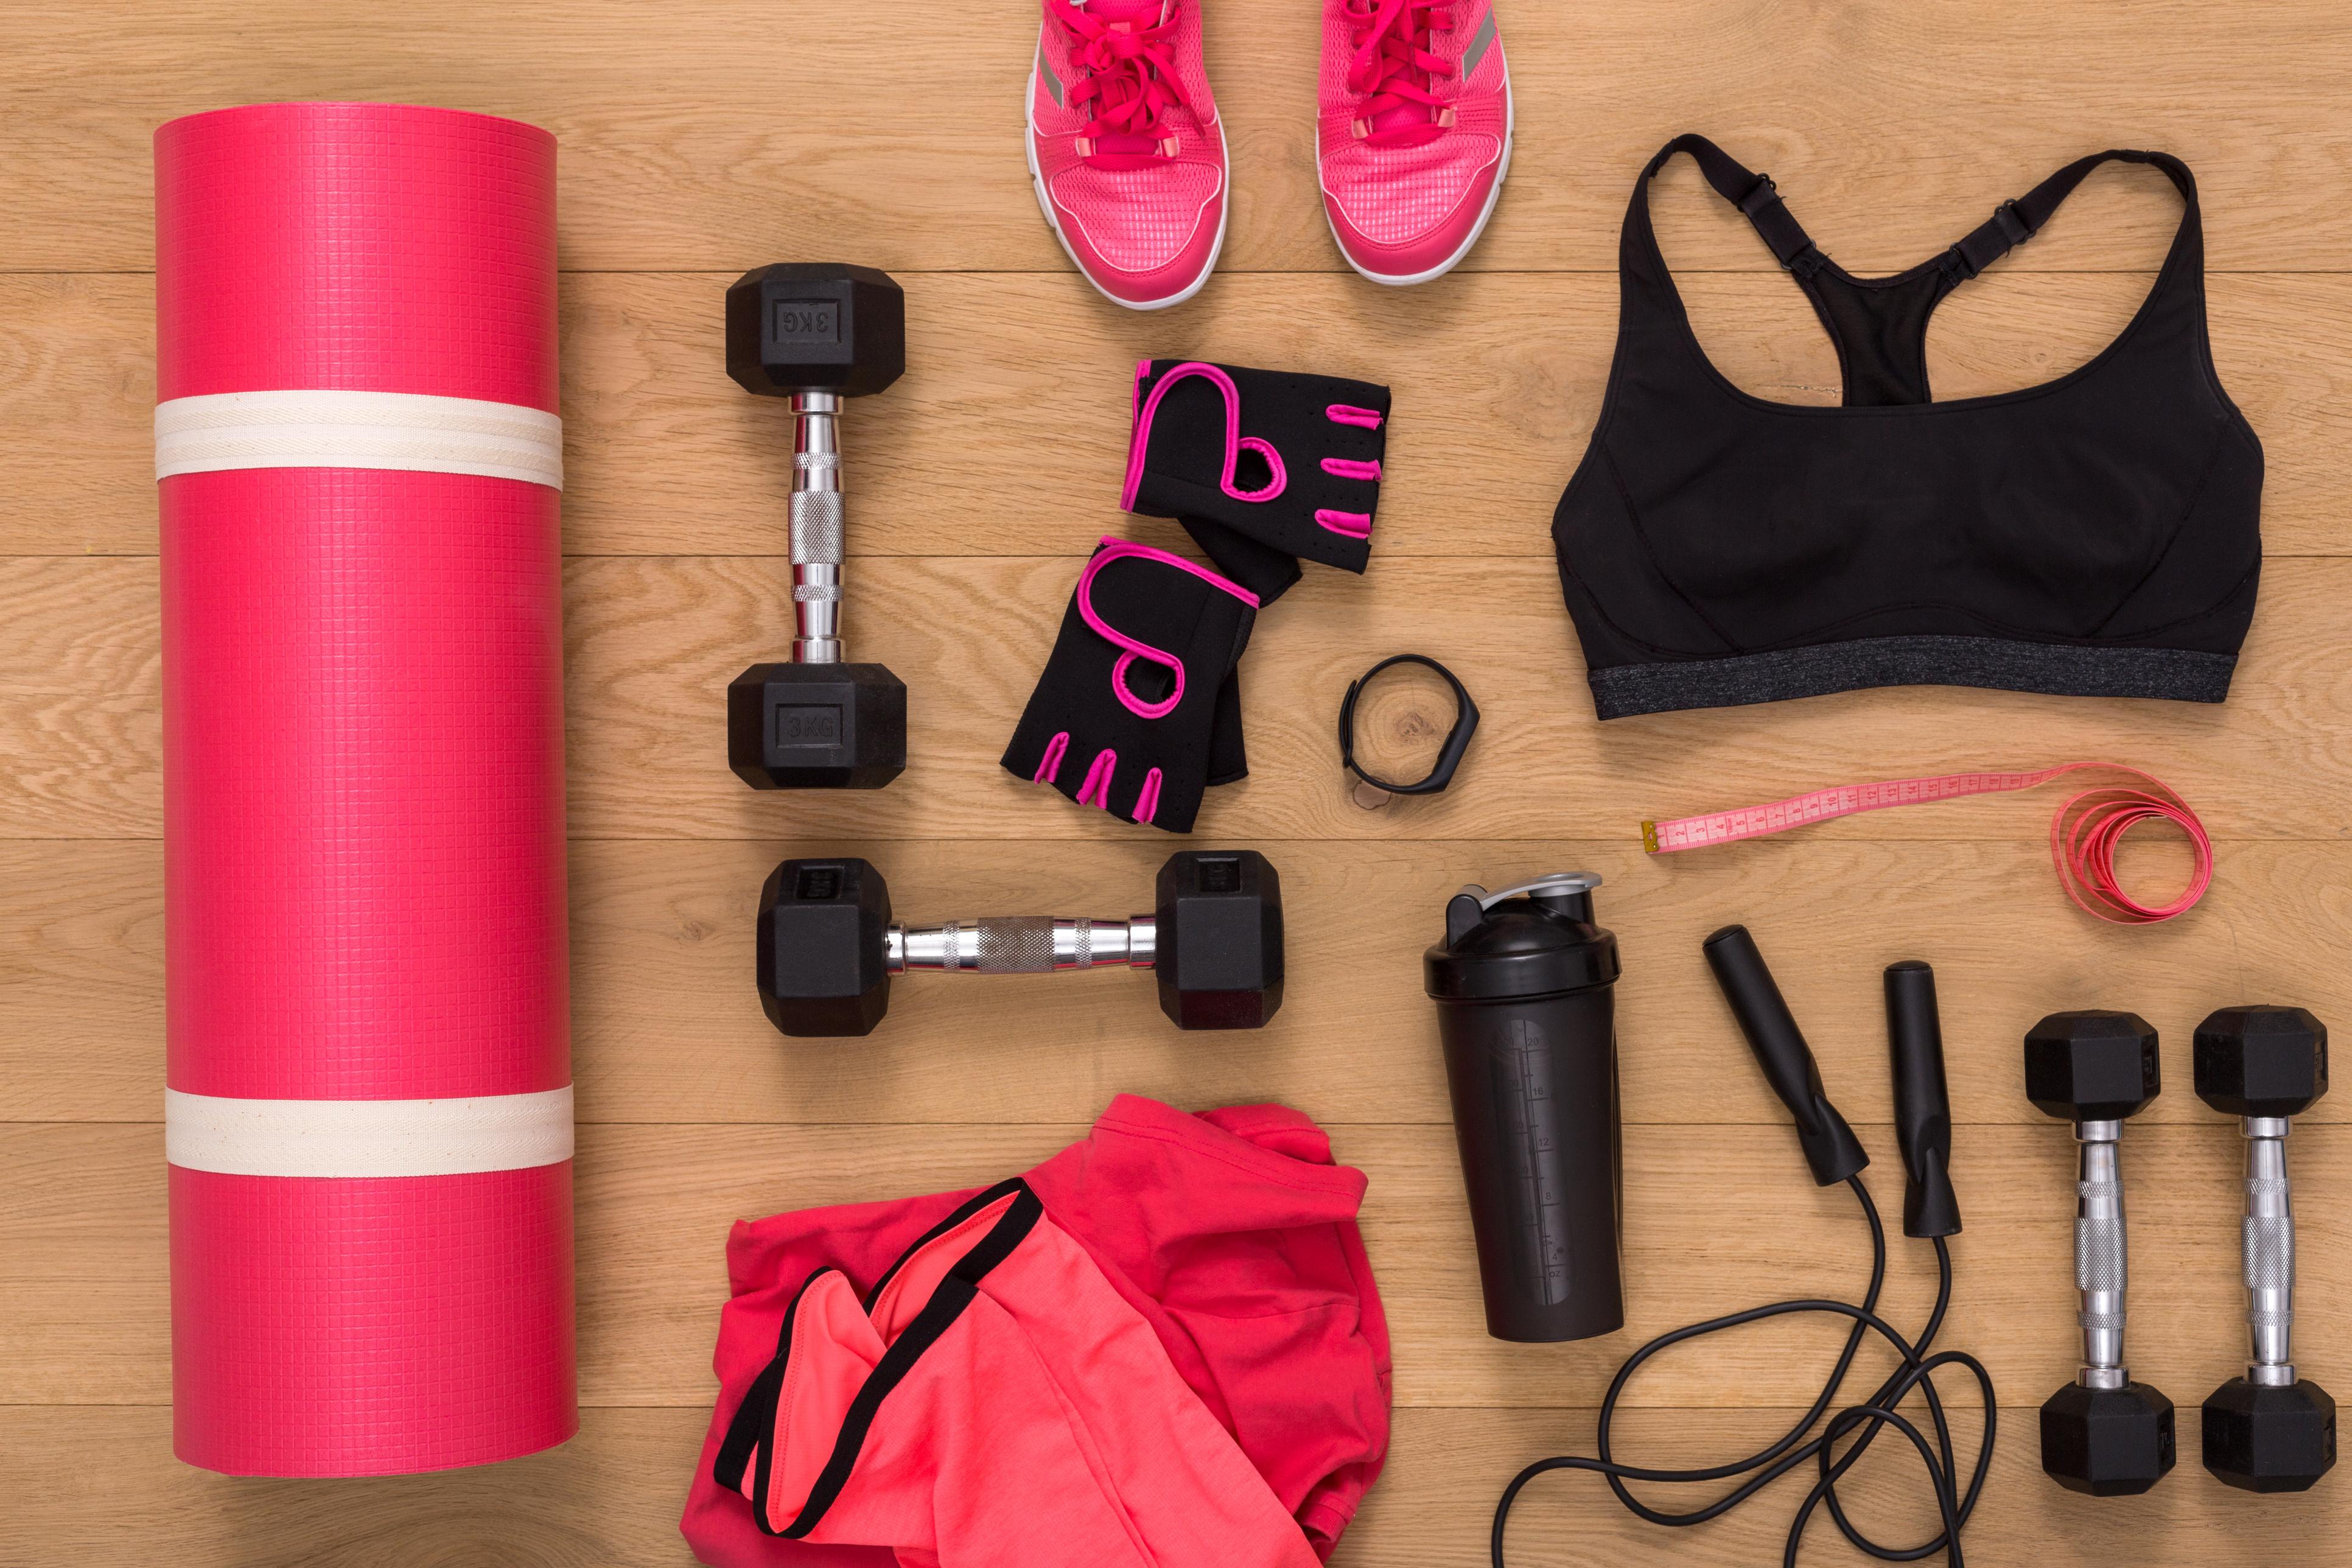 Як почати тренуватися з вільними вагами, щоб побачити результат